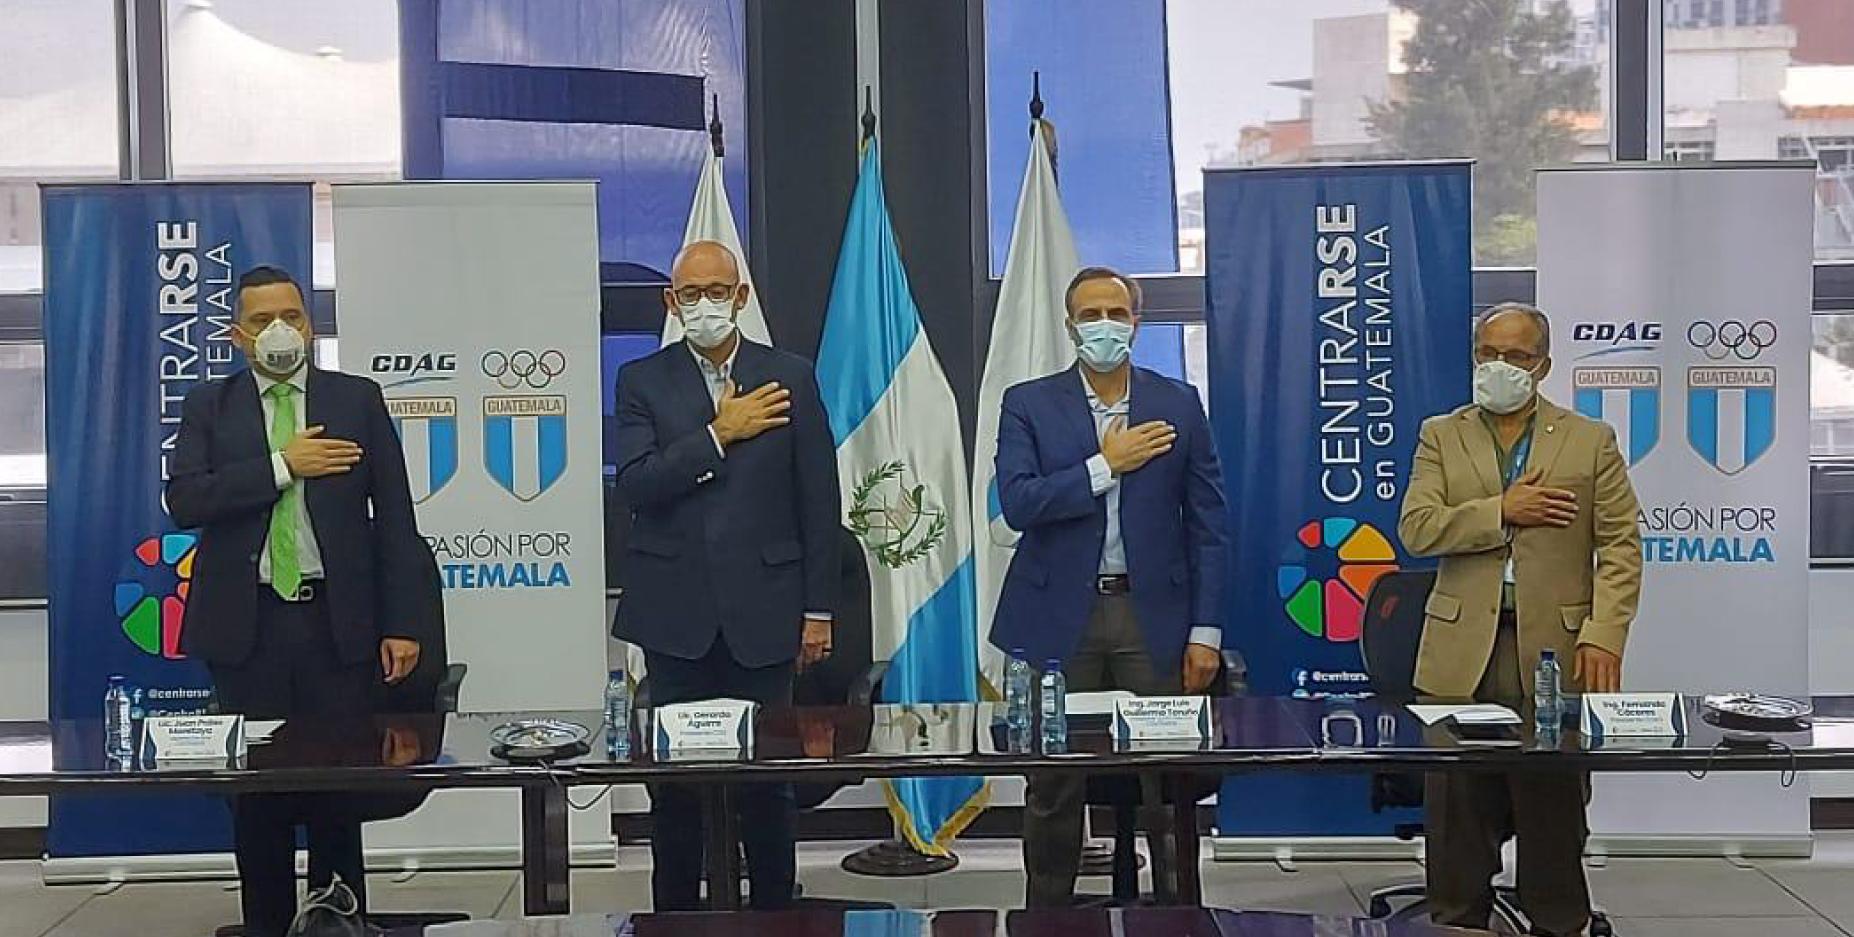 CENTRARSE, CDAG y COG firman convenio de desarrollo a través del deporte